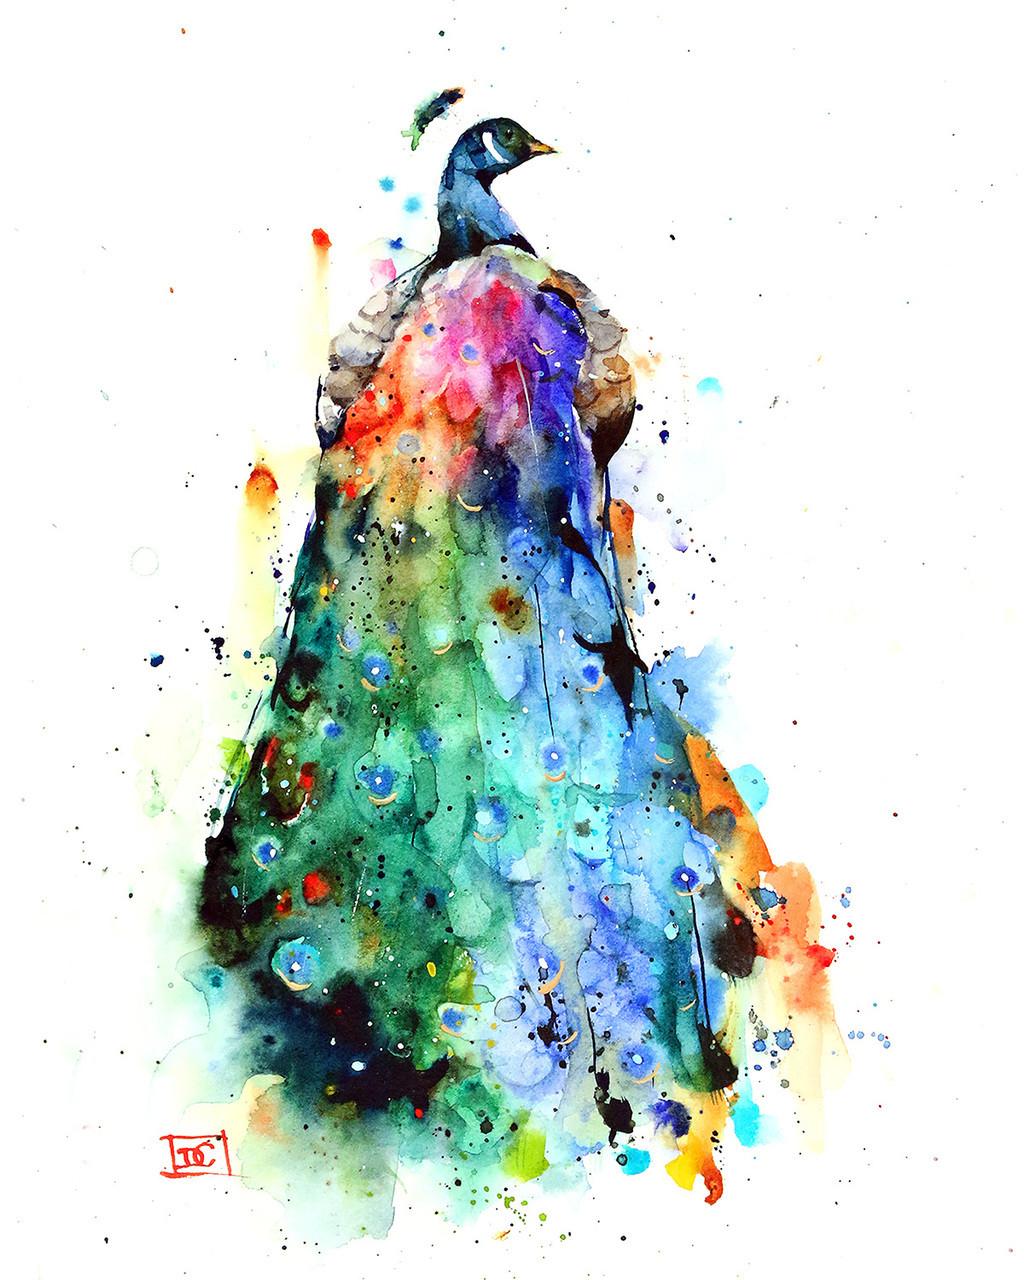 Rainbow Peacock The Art Of Dean Crouser